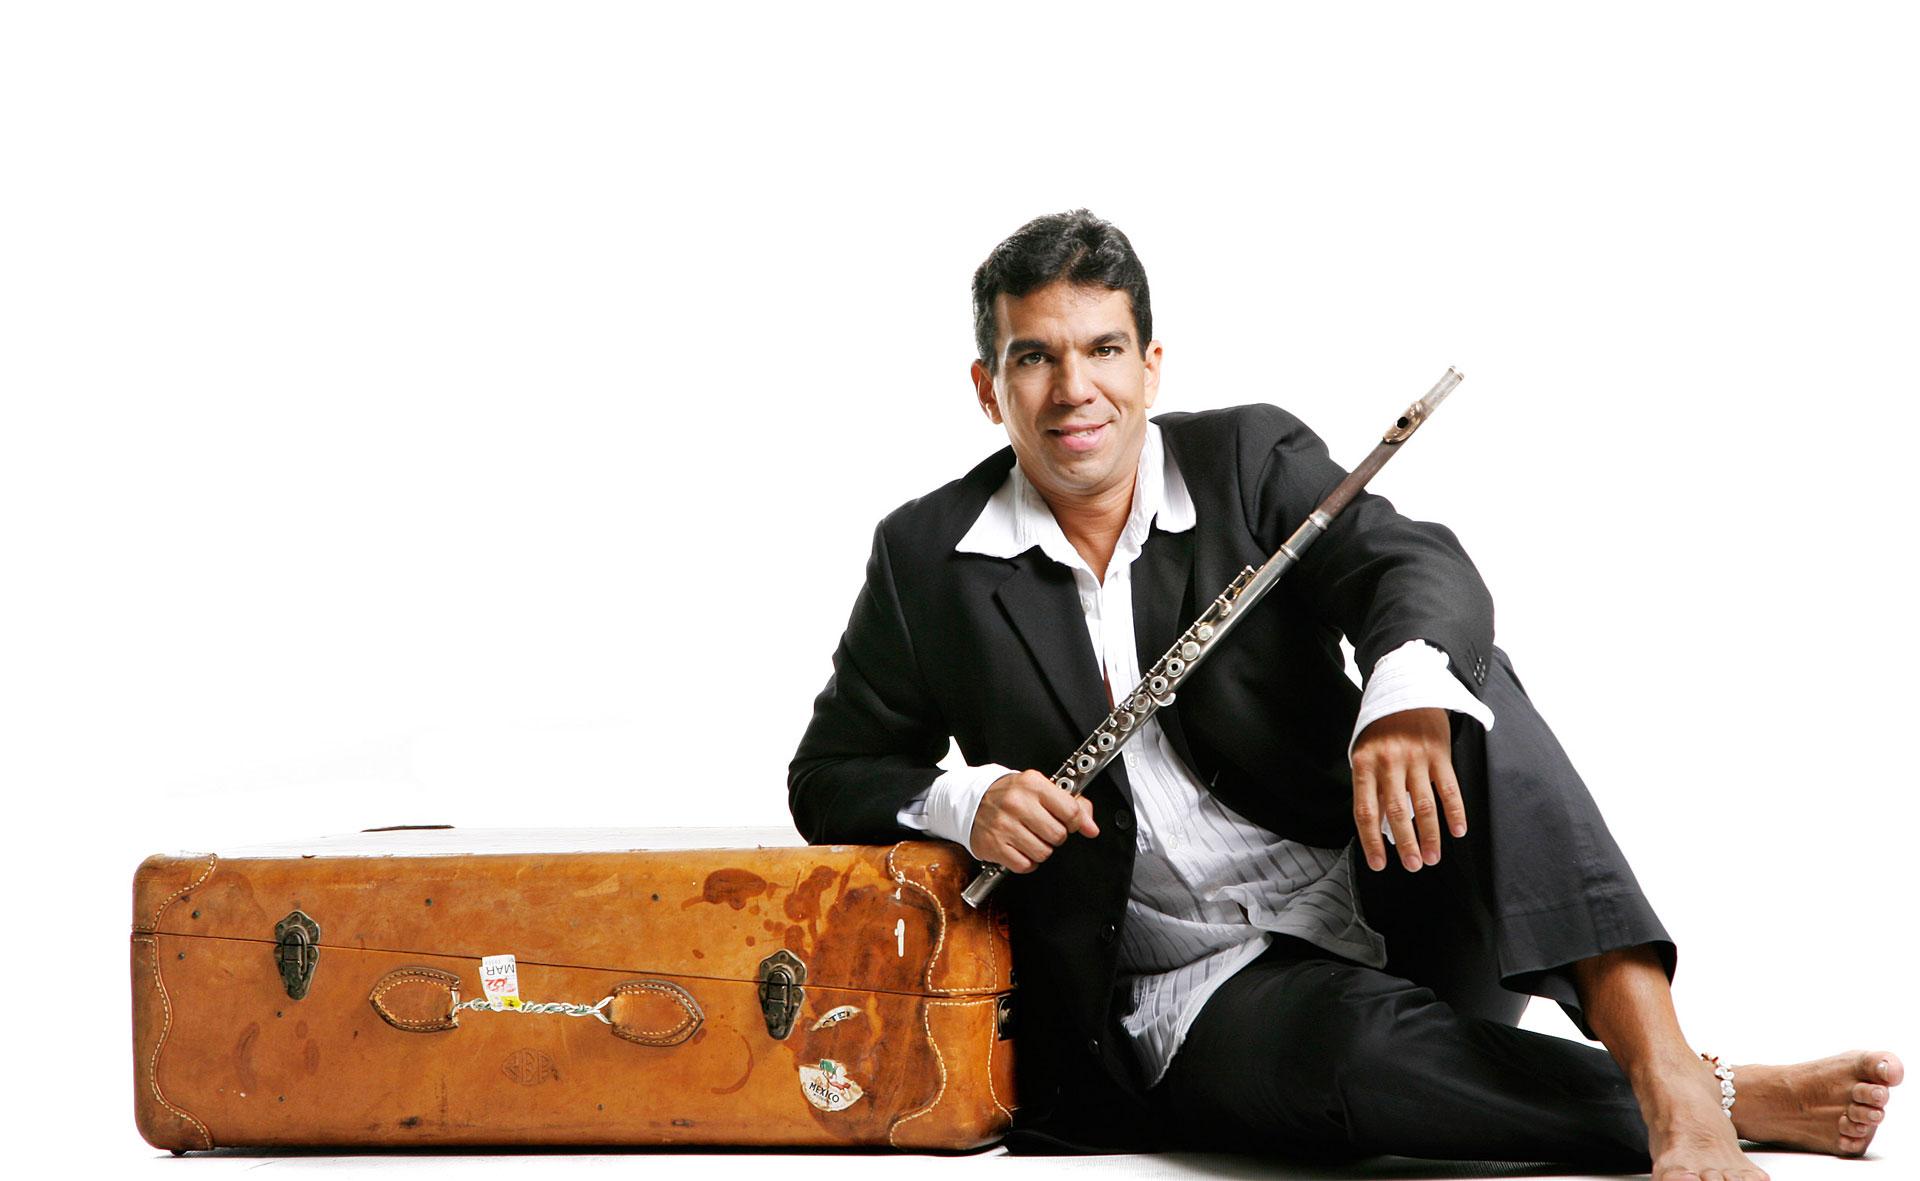 El flautista zuliano se presentará gratis el sábado 19 de diciembre junto con Betulio Medina, Ozias Acosta, Daniel Somaroo y Lucía Valentina